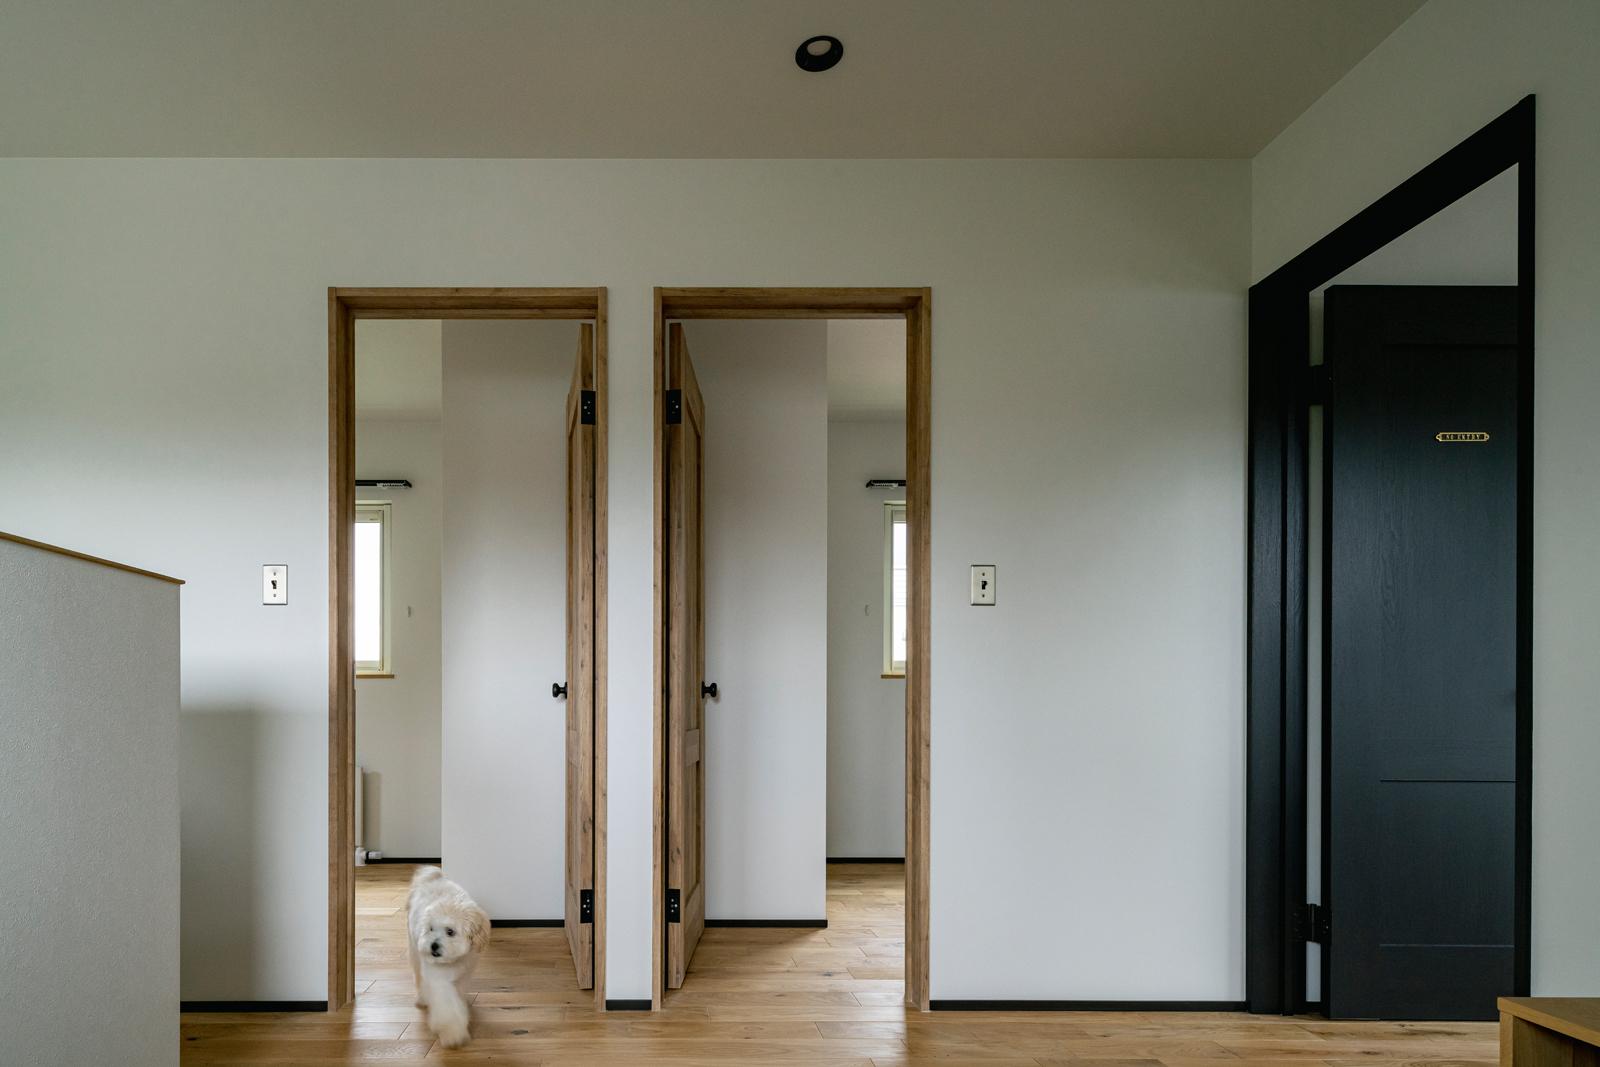 2階には寝室の他2つの個室が備えられ、将来的にもゆとりのある間取りとなっている